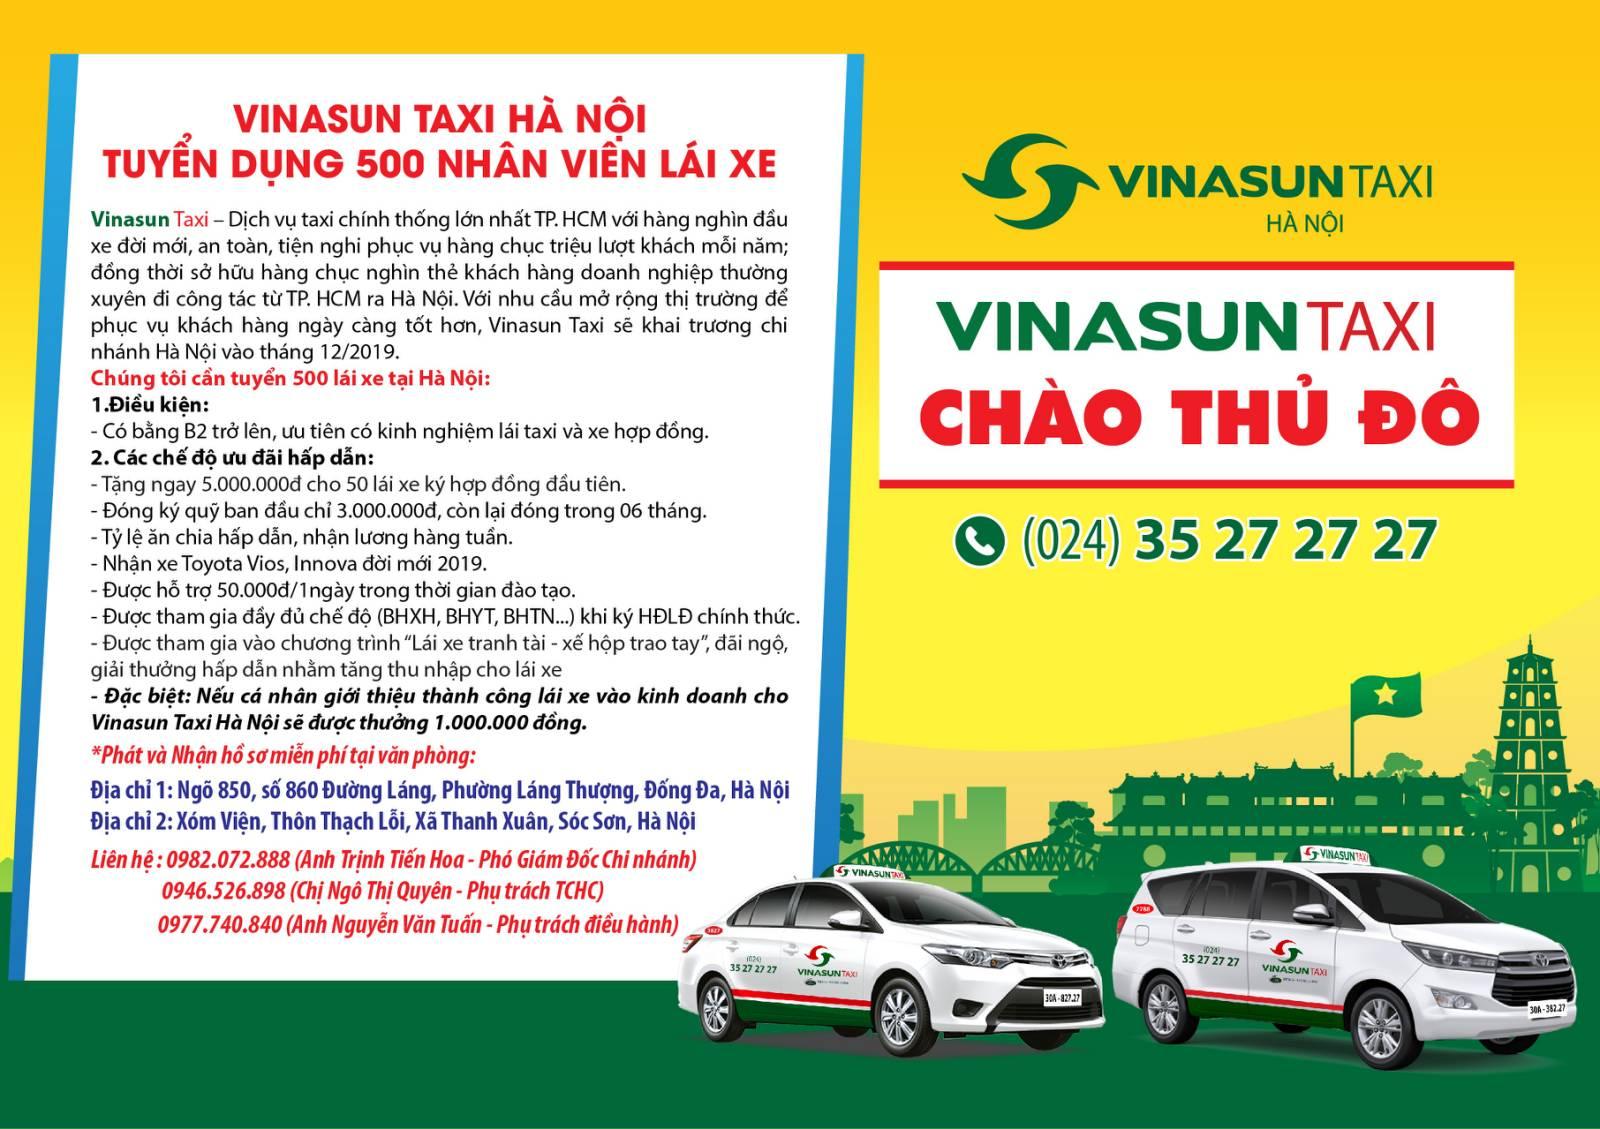 Vinasun Taxi Hà Nội tuyển dụng 500 nhân viên lái xe